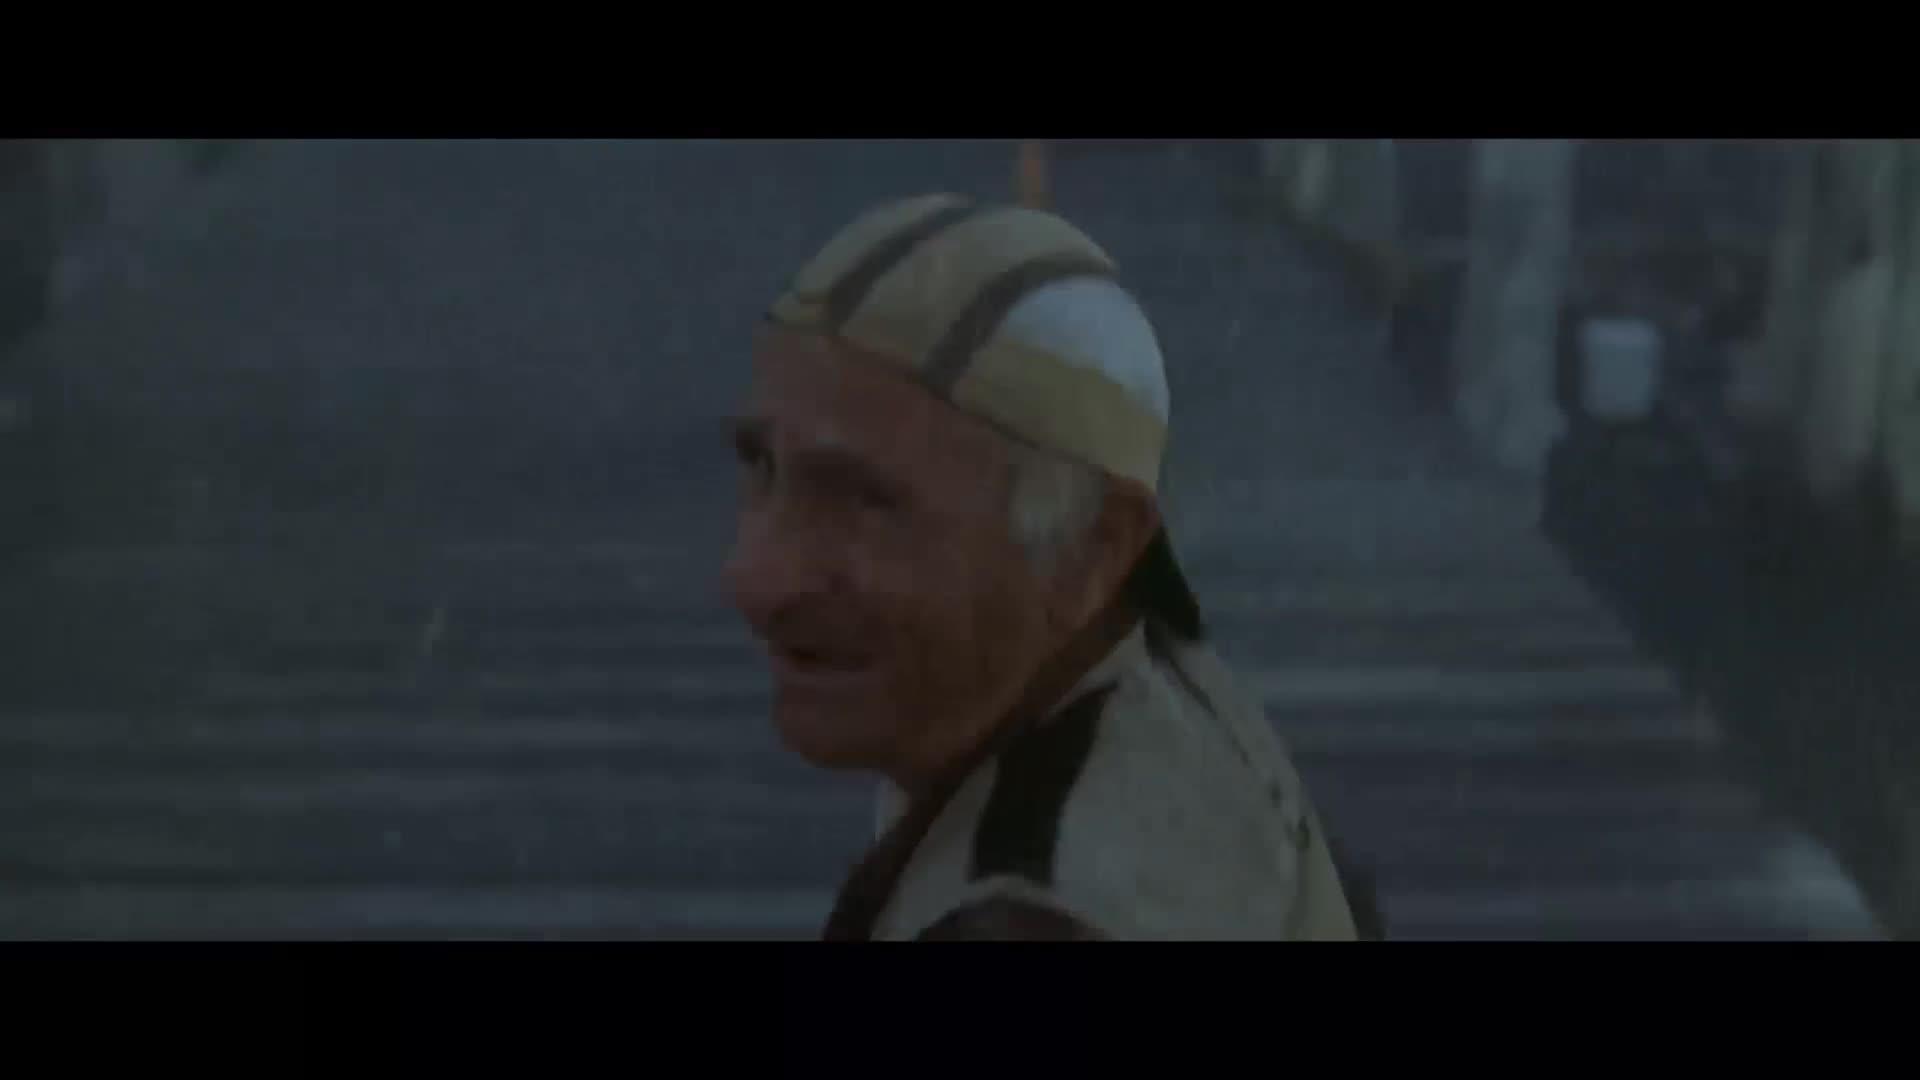 老头去海边钓鱼,刚扔下鱼竿,怪物就从水下钻出来